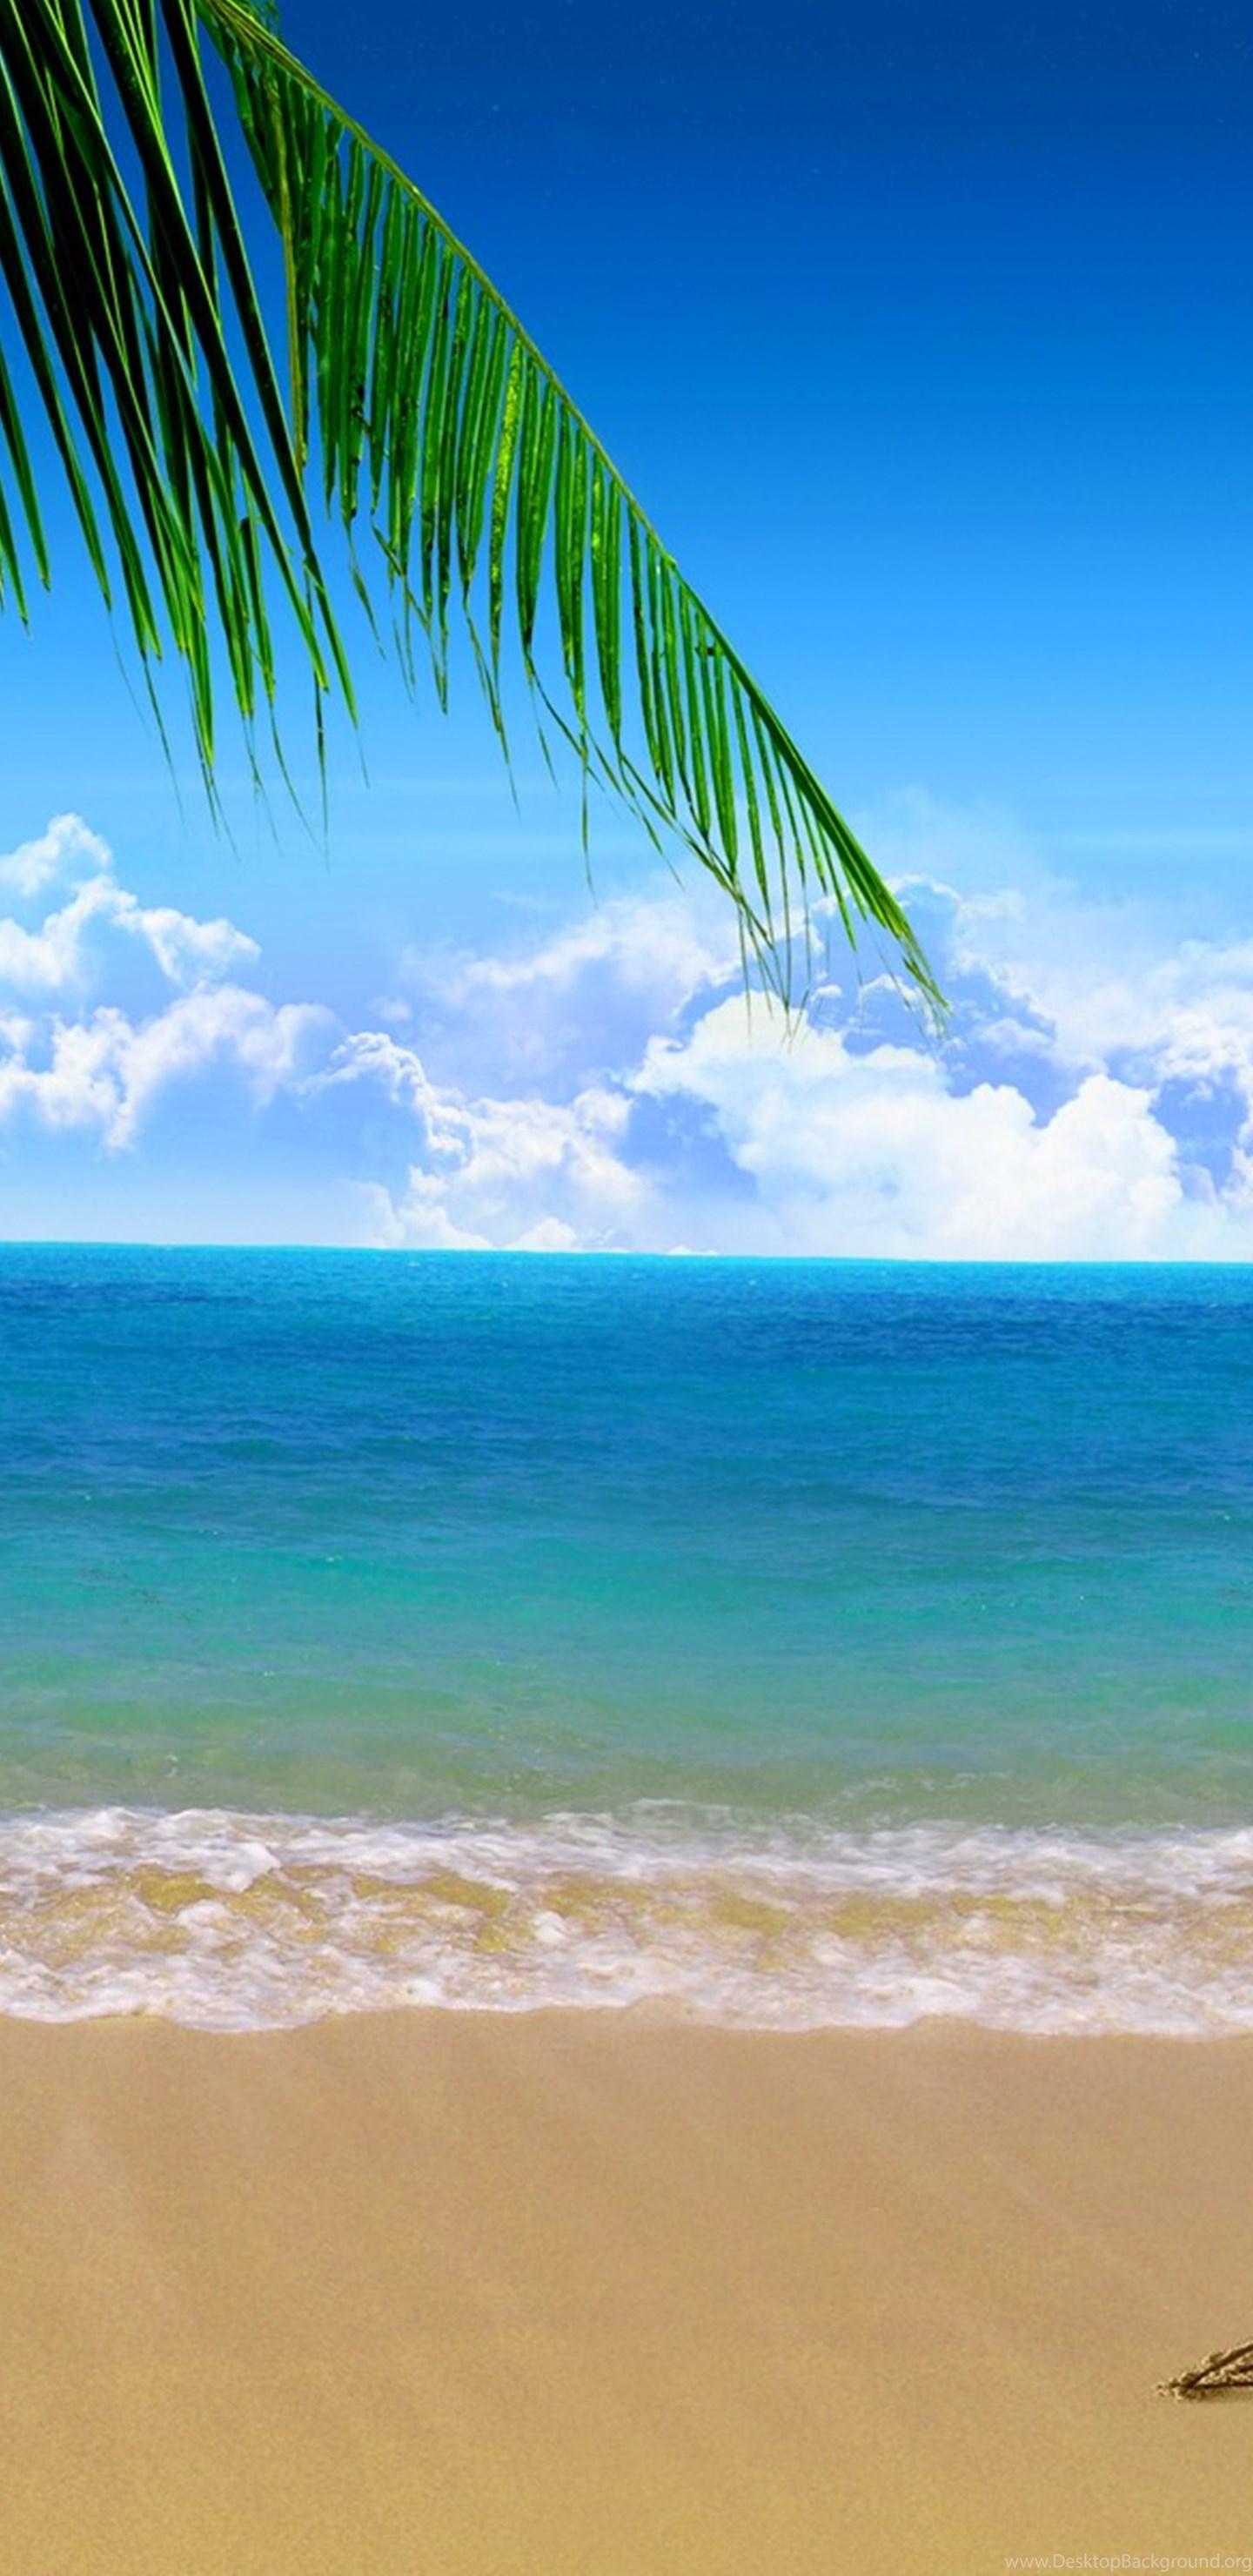 The best top desktop beach wallpapers hd beach wallpaper 351